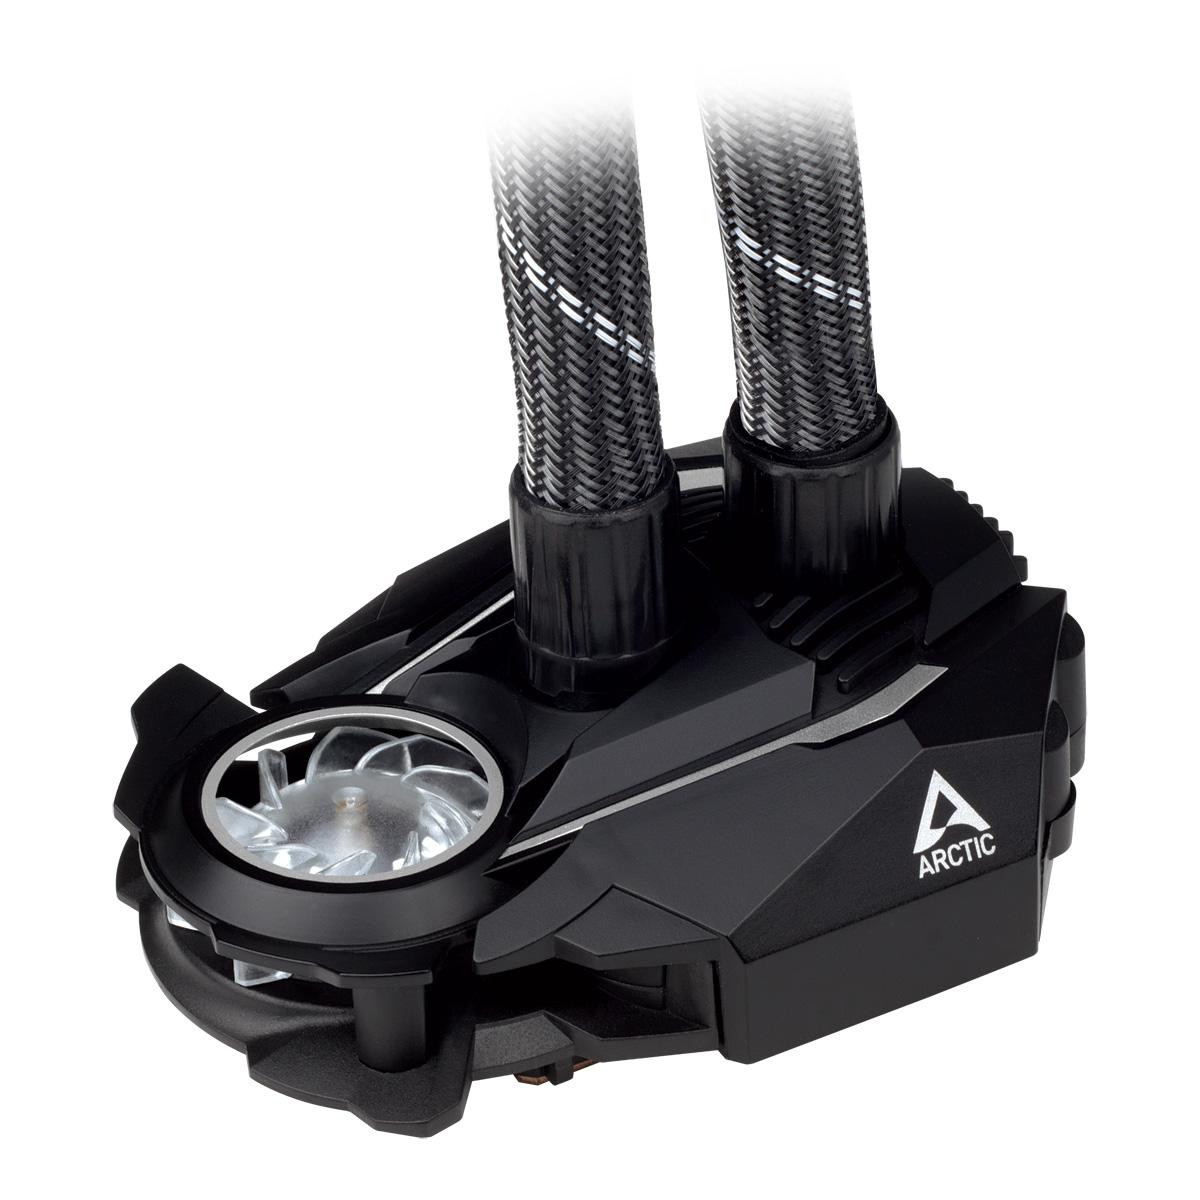 Multikompatibler AiO CPU-Wasserkühler ARCTIC Liquid Freezer II 360 Detailansicht Pumpe